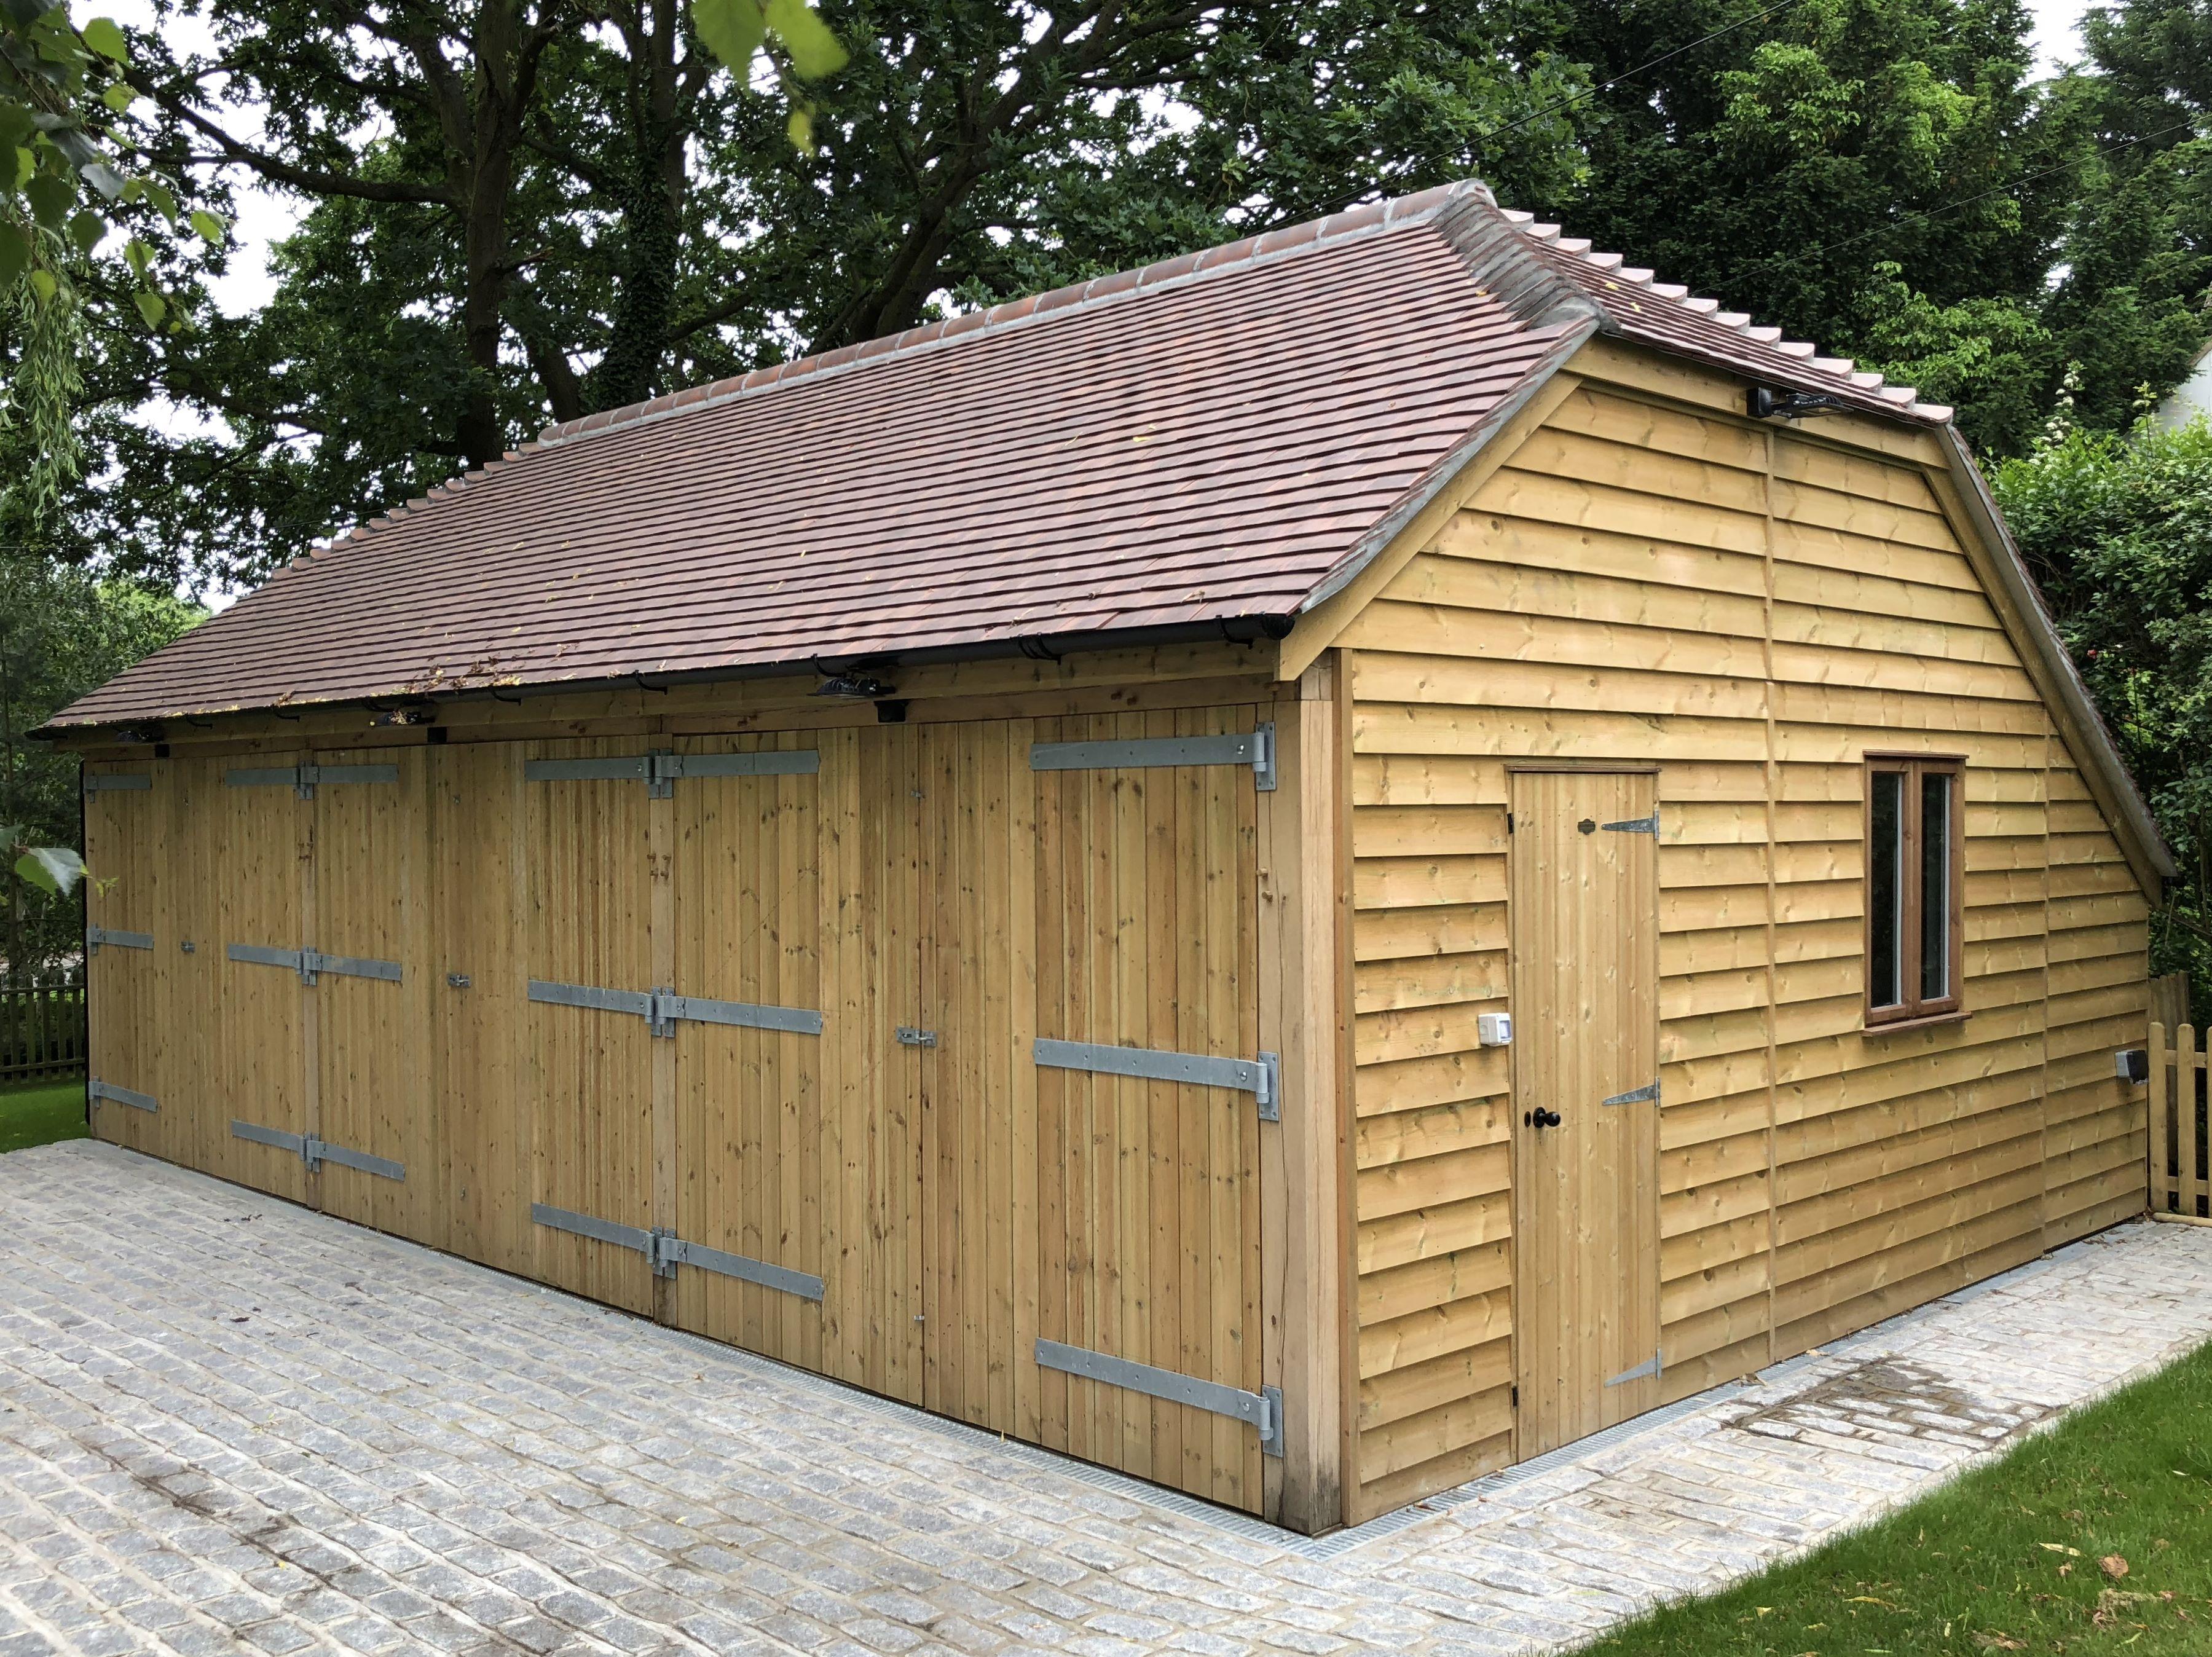 Passmores Car Barn Garages Timber Open Barn Timber Car Ports